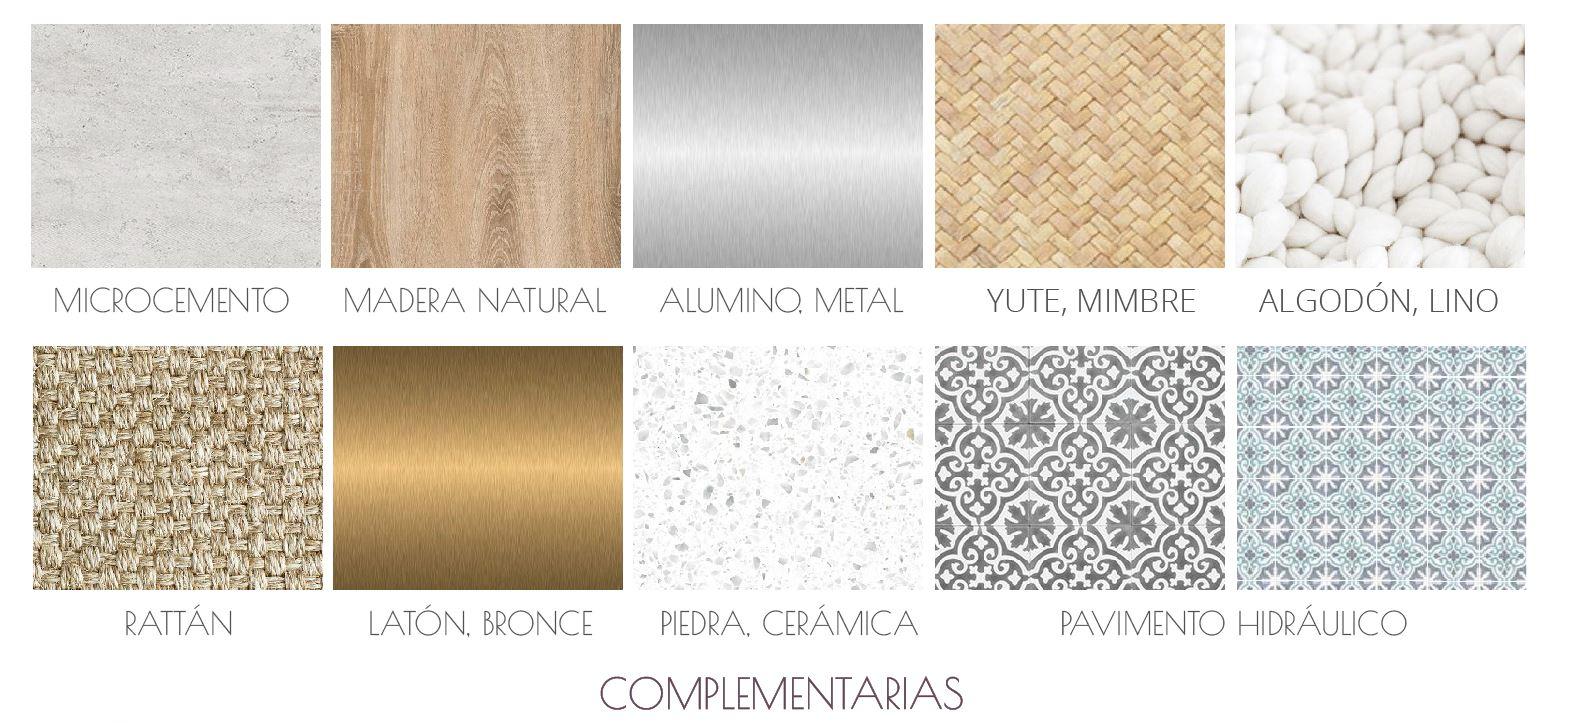 Principales texturas para decorar tu hogar con estilo noretnic